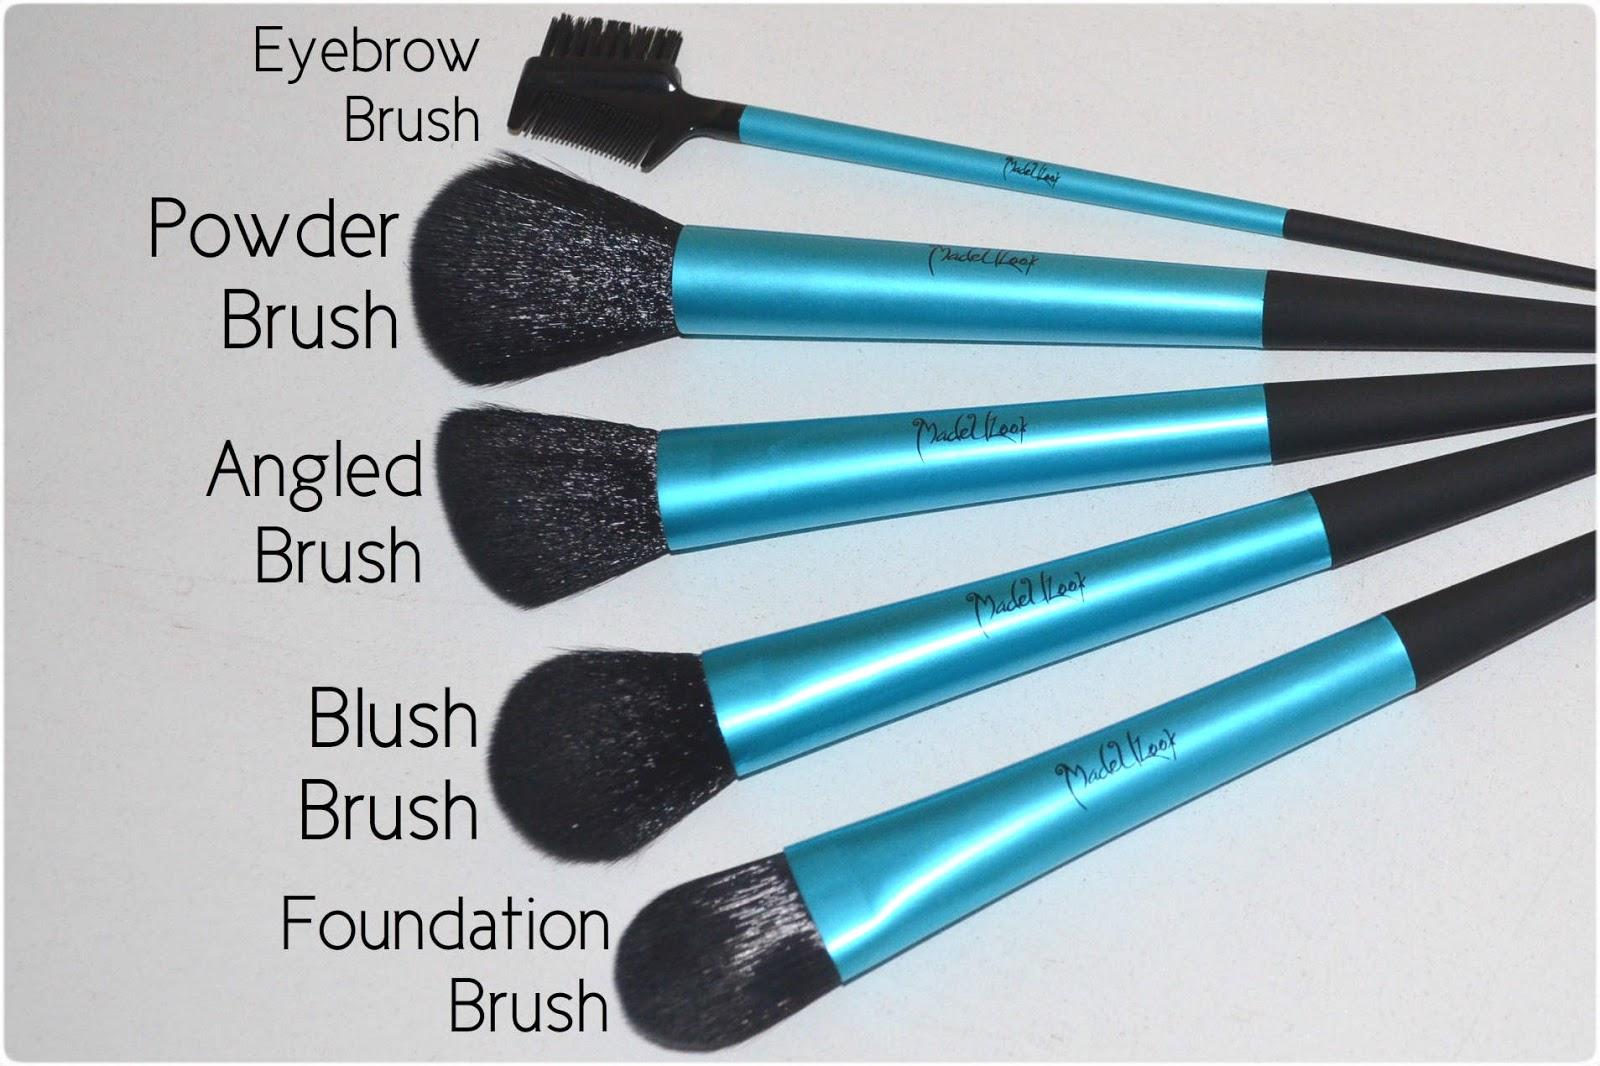 Eyebrow Brush I've Never